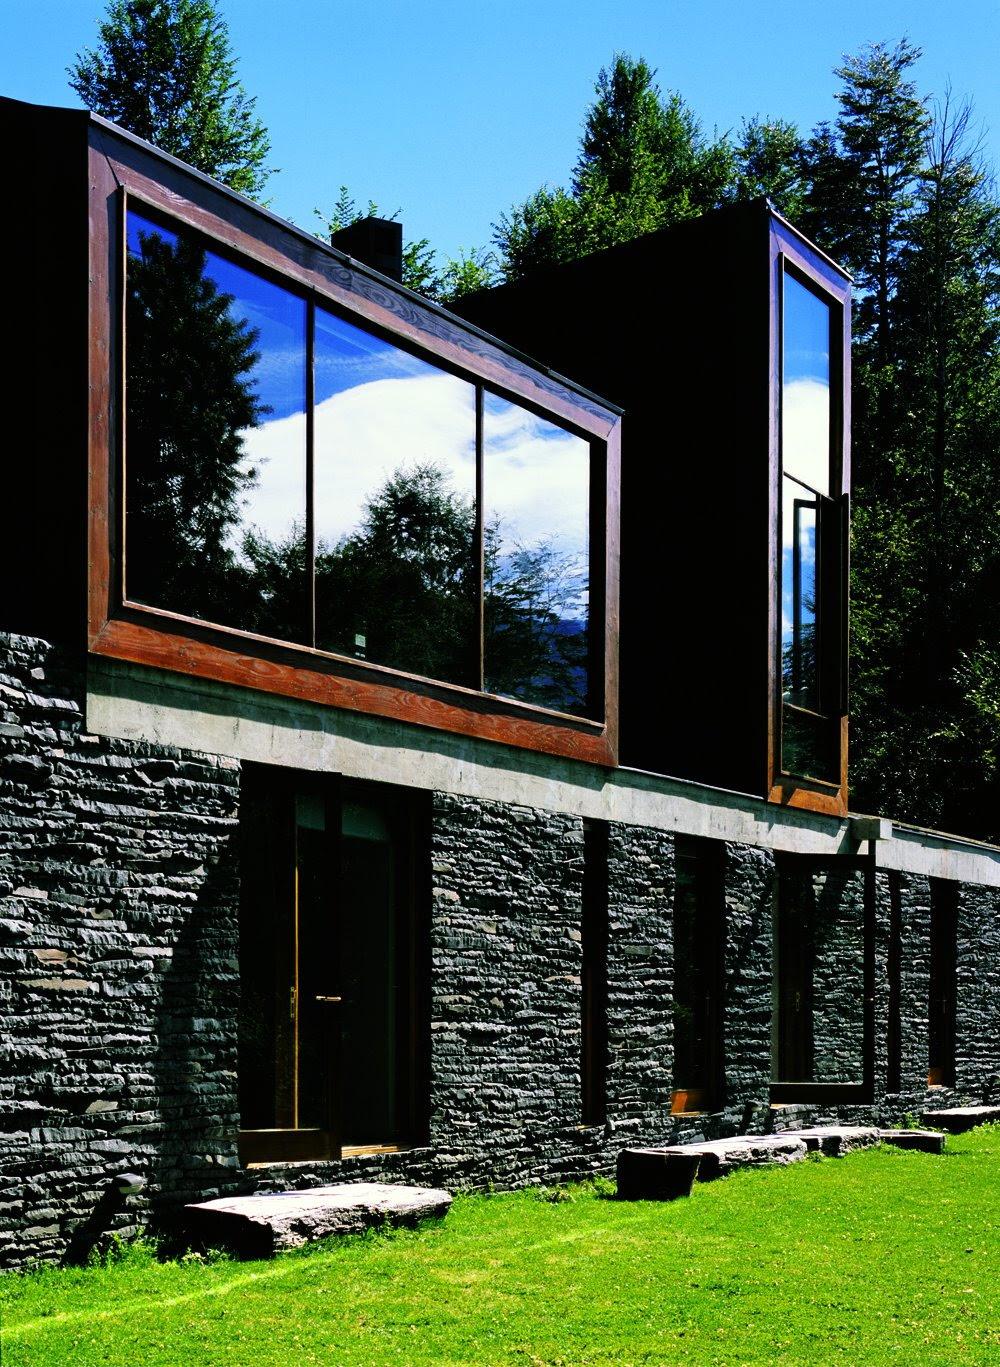 Casa lago pirehueico alejandro aravena tecno haus for Alejandro aravena arquitecto